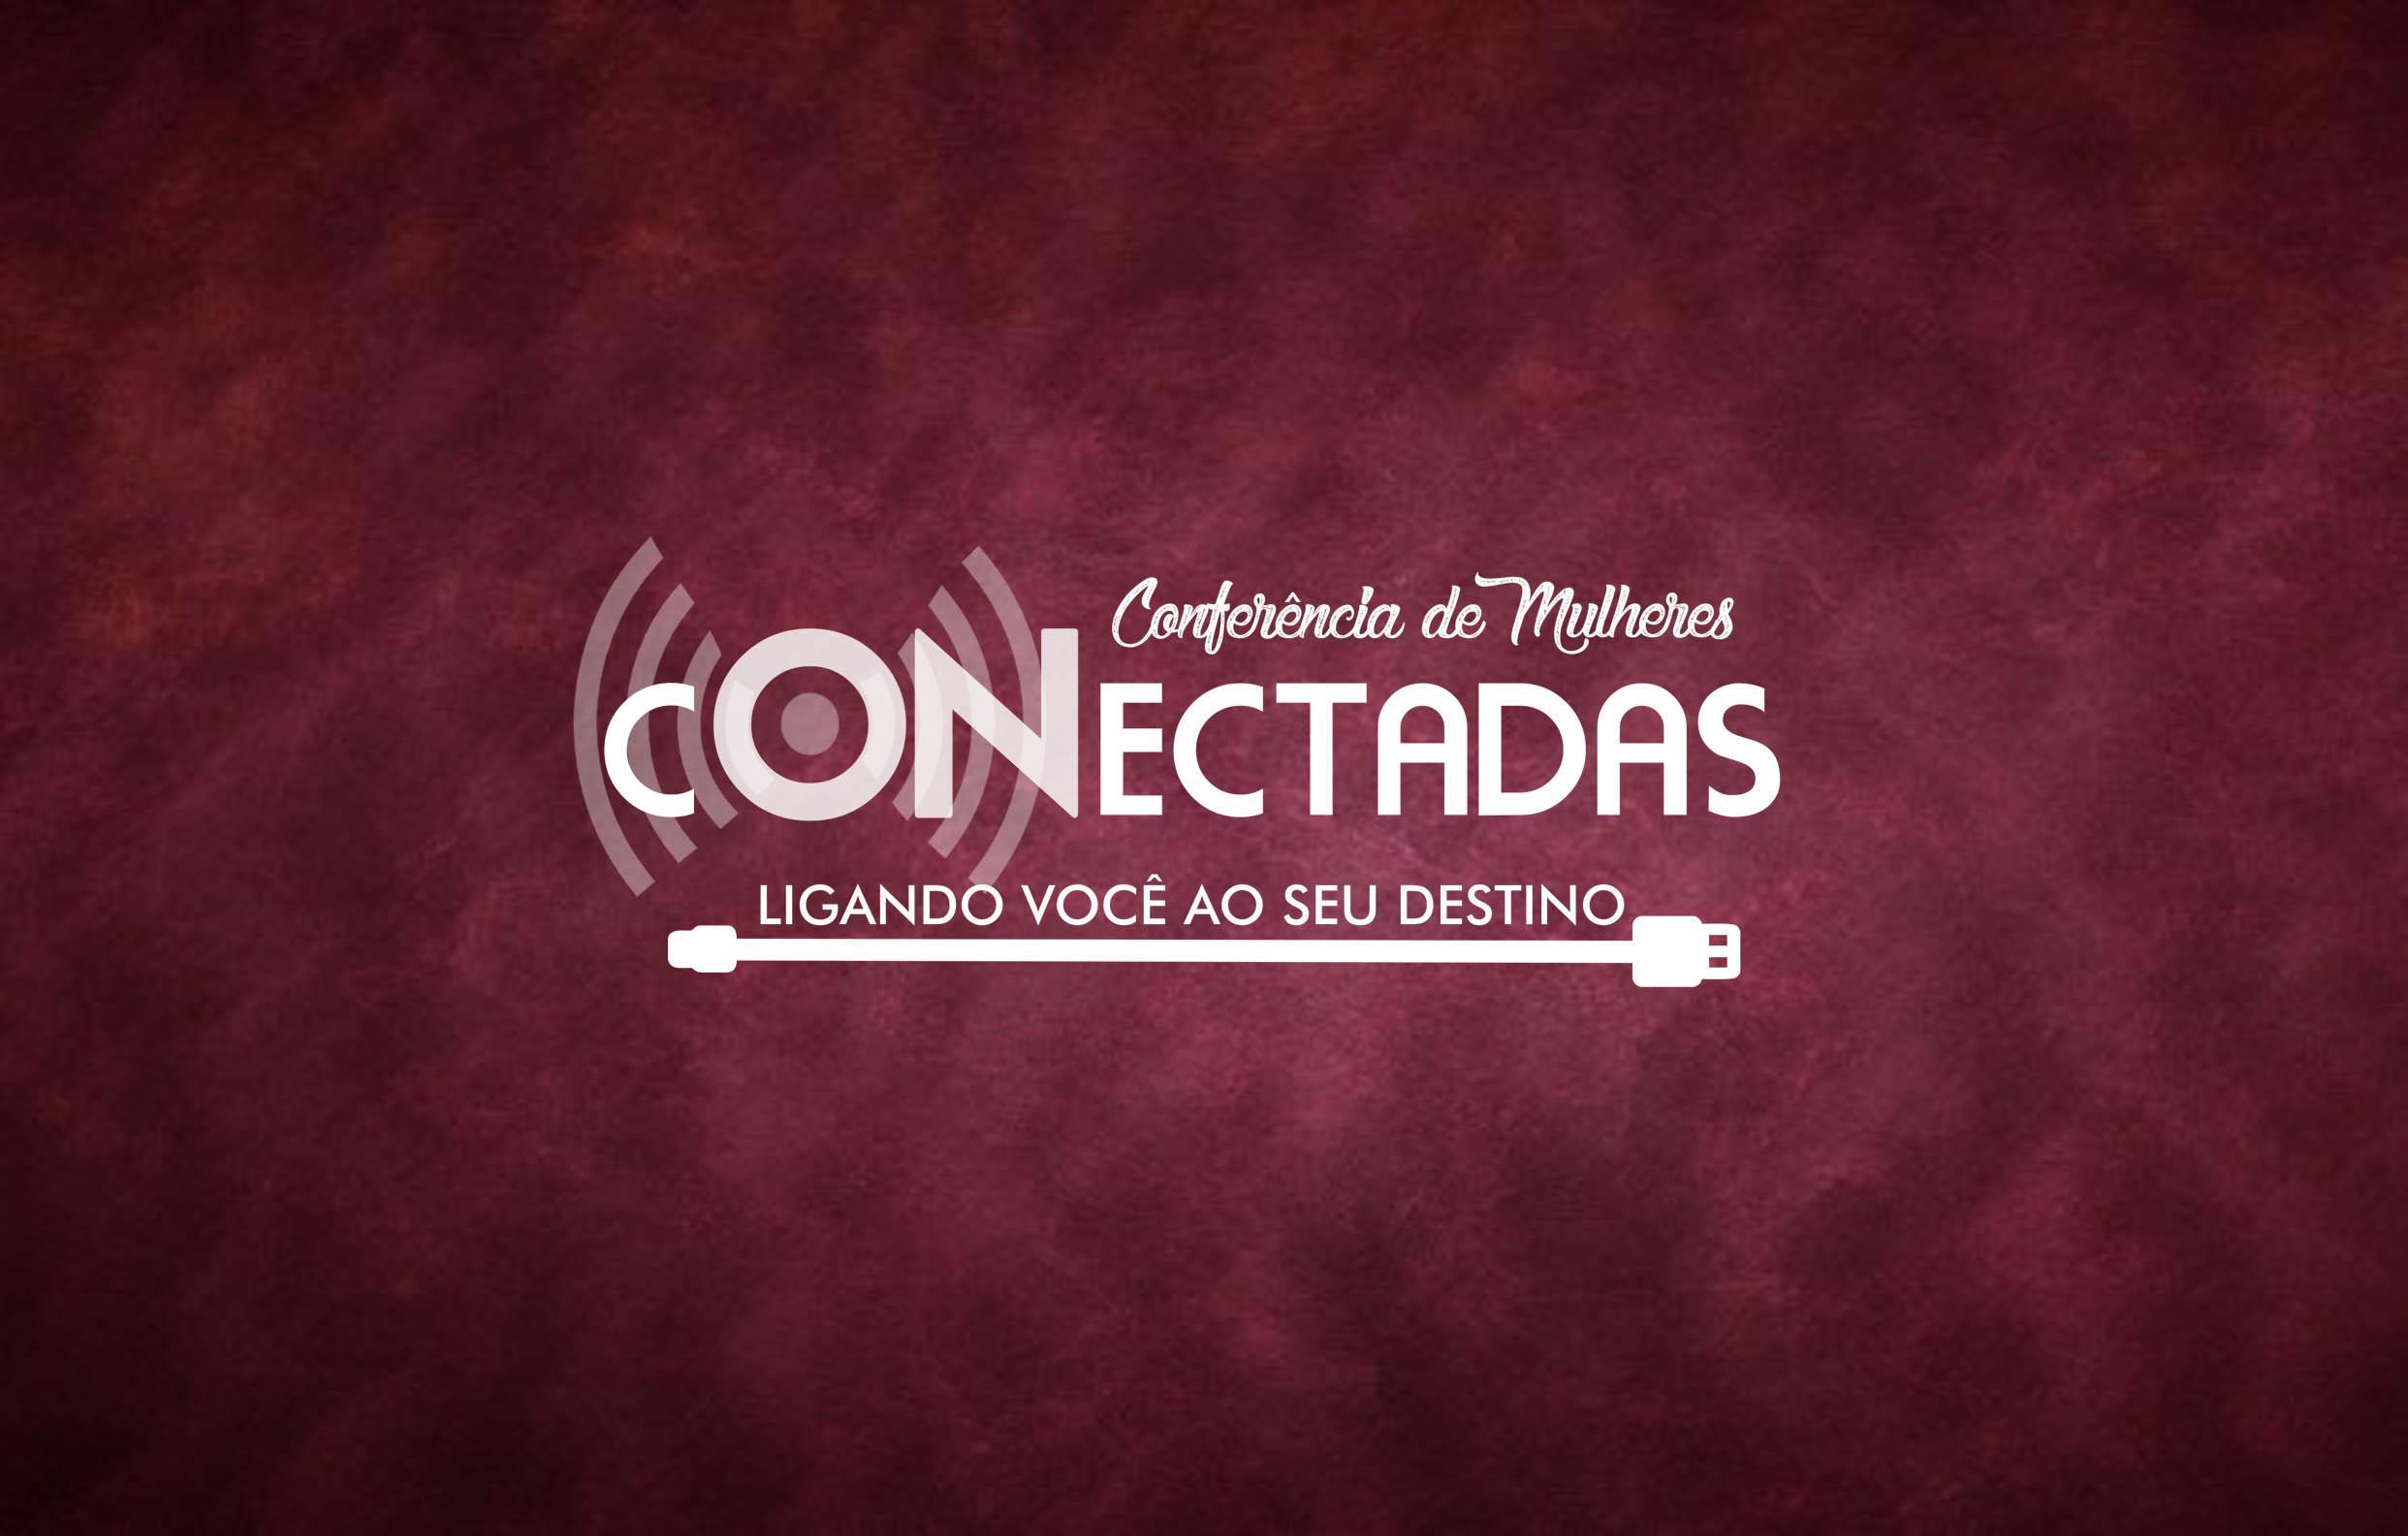 Conferência Mulheres Conectadas